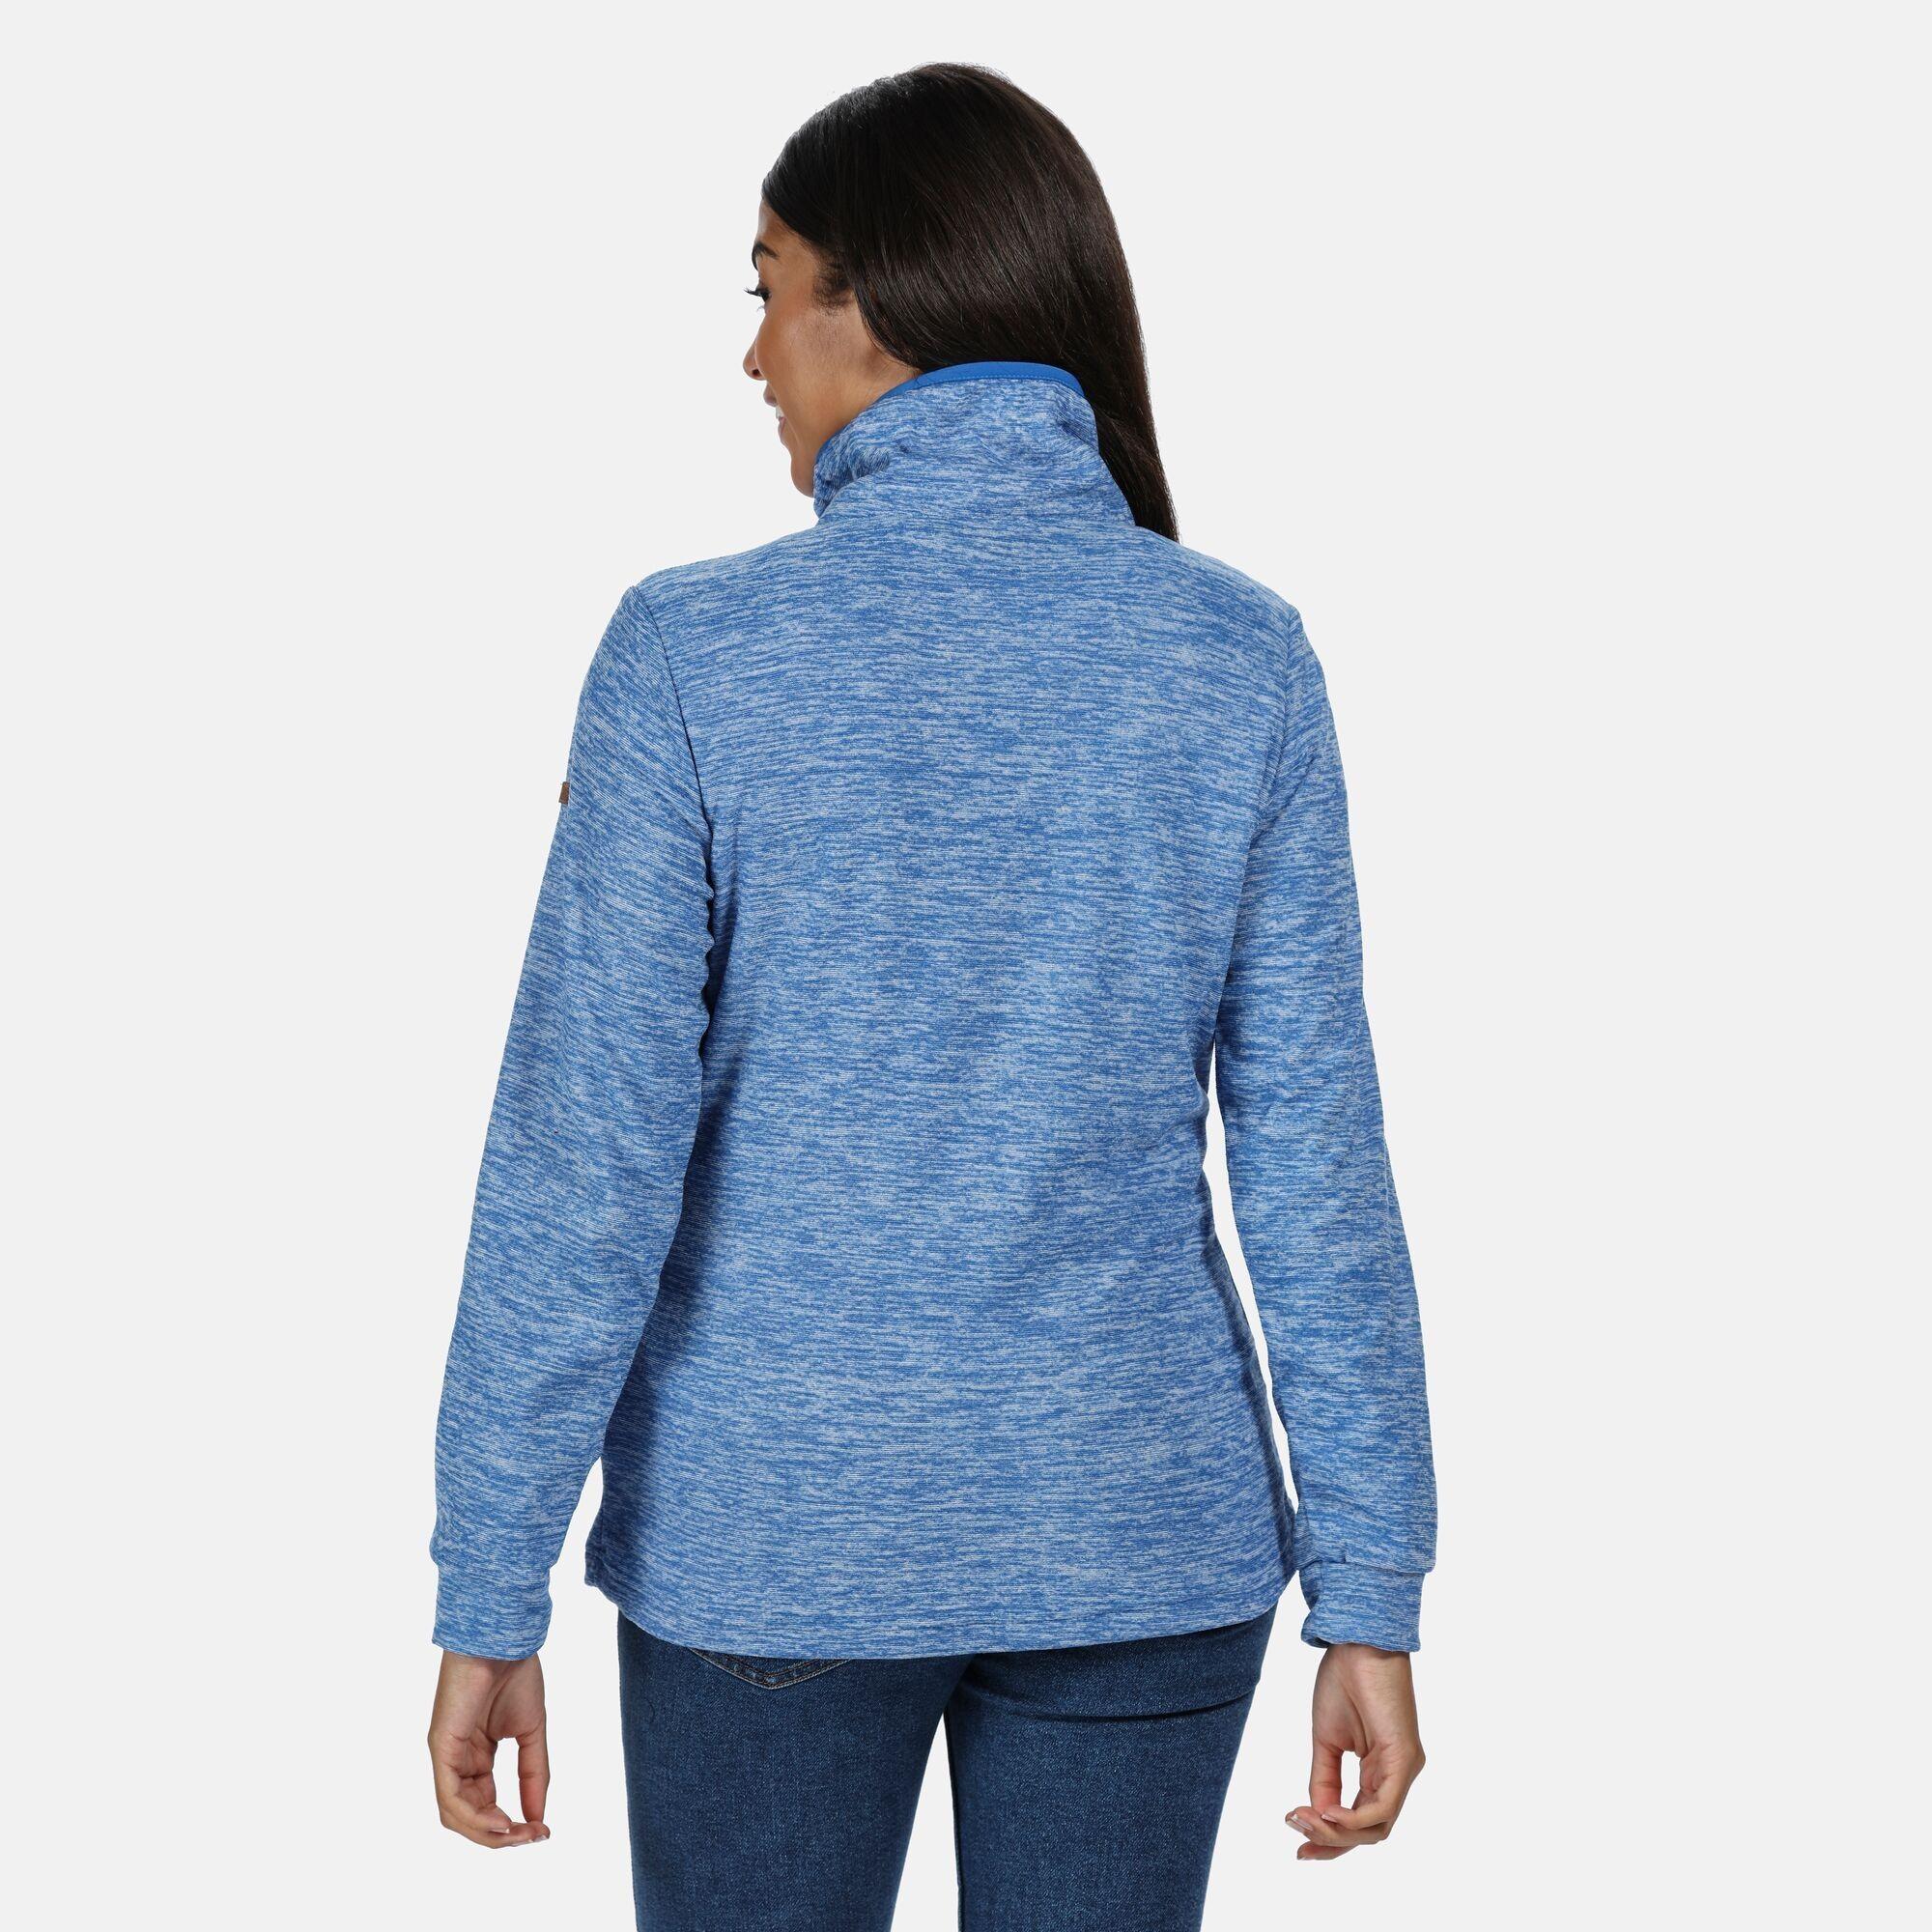 Regatta Womens/Ladies Evanna Full Zip Lightweight Fleece (Strong Blue)